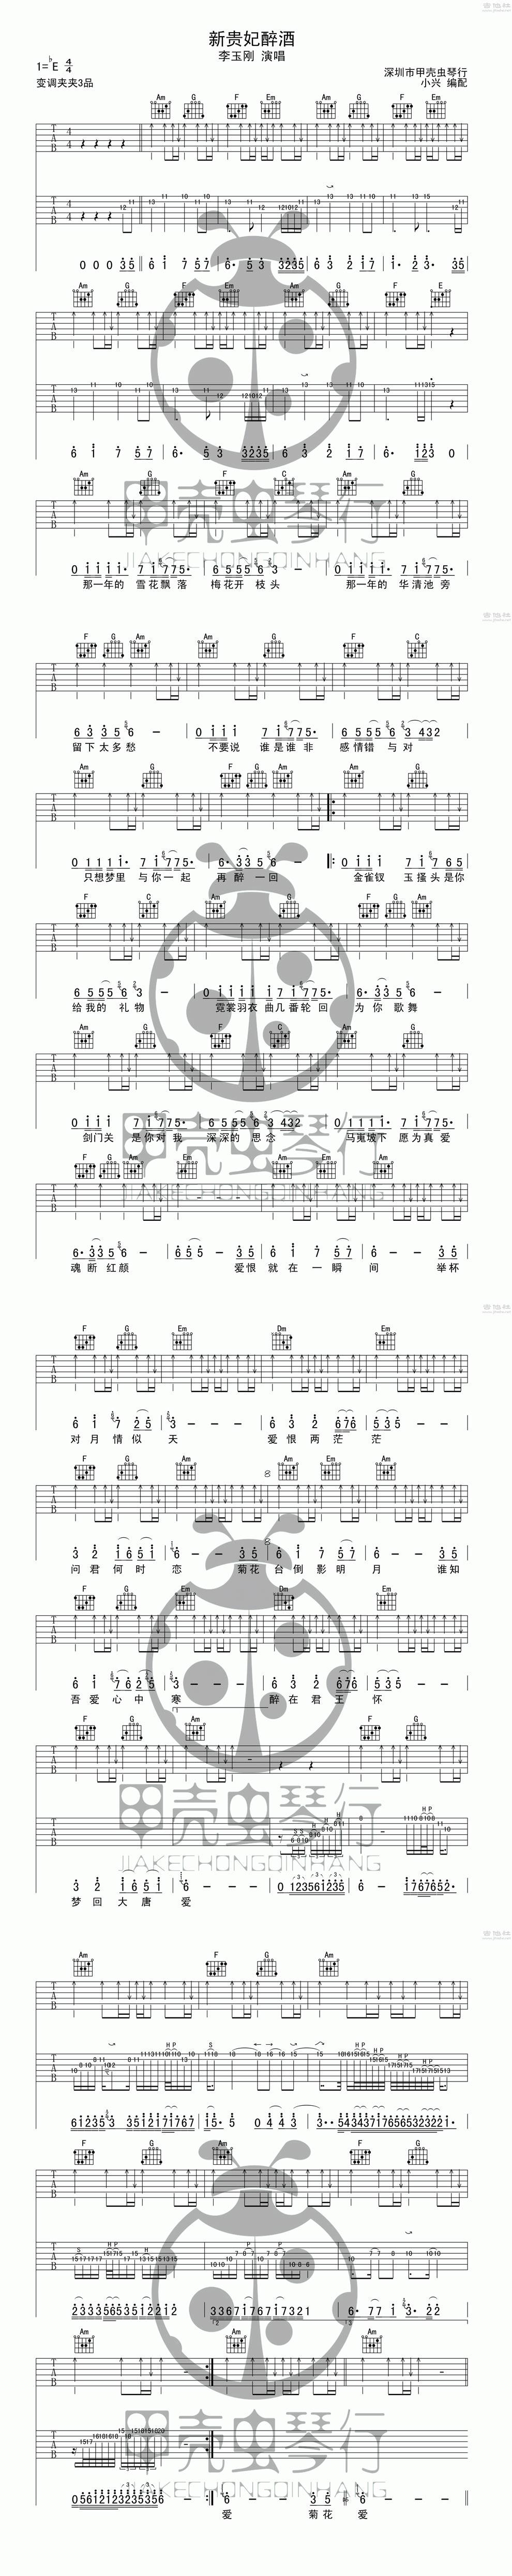 《新贵妃醉酒带原版间奏》吉他谱图片